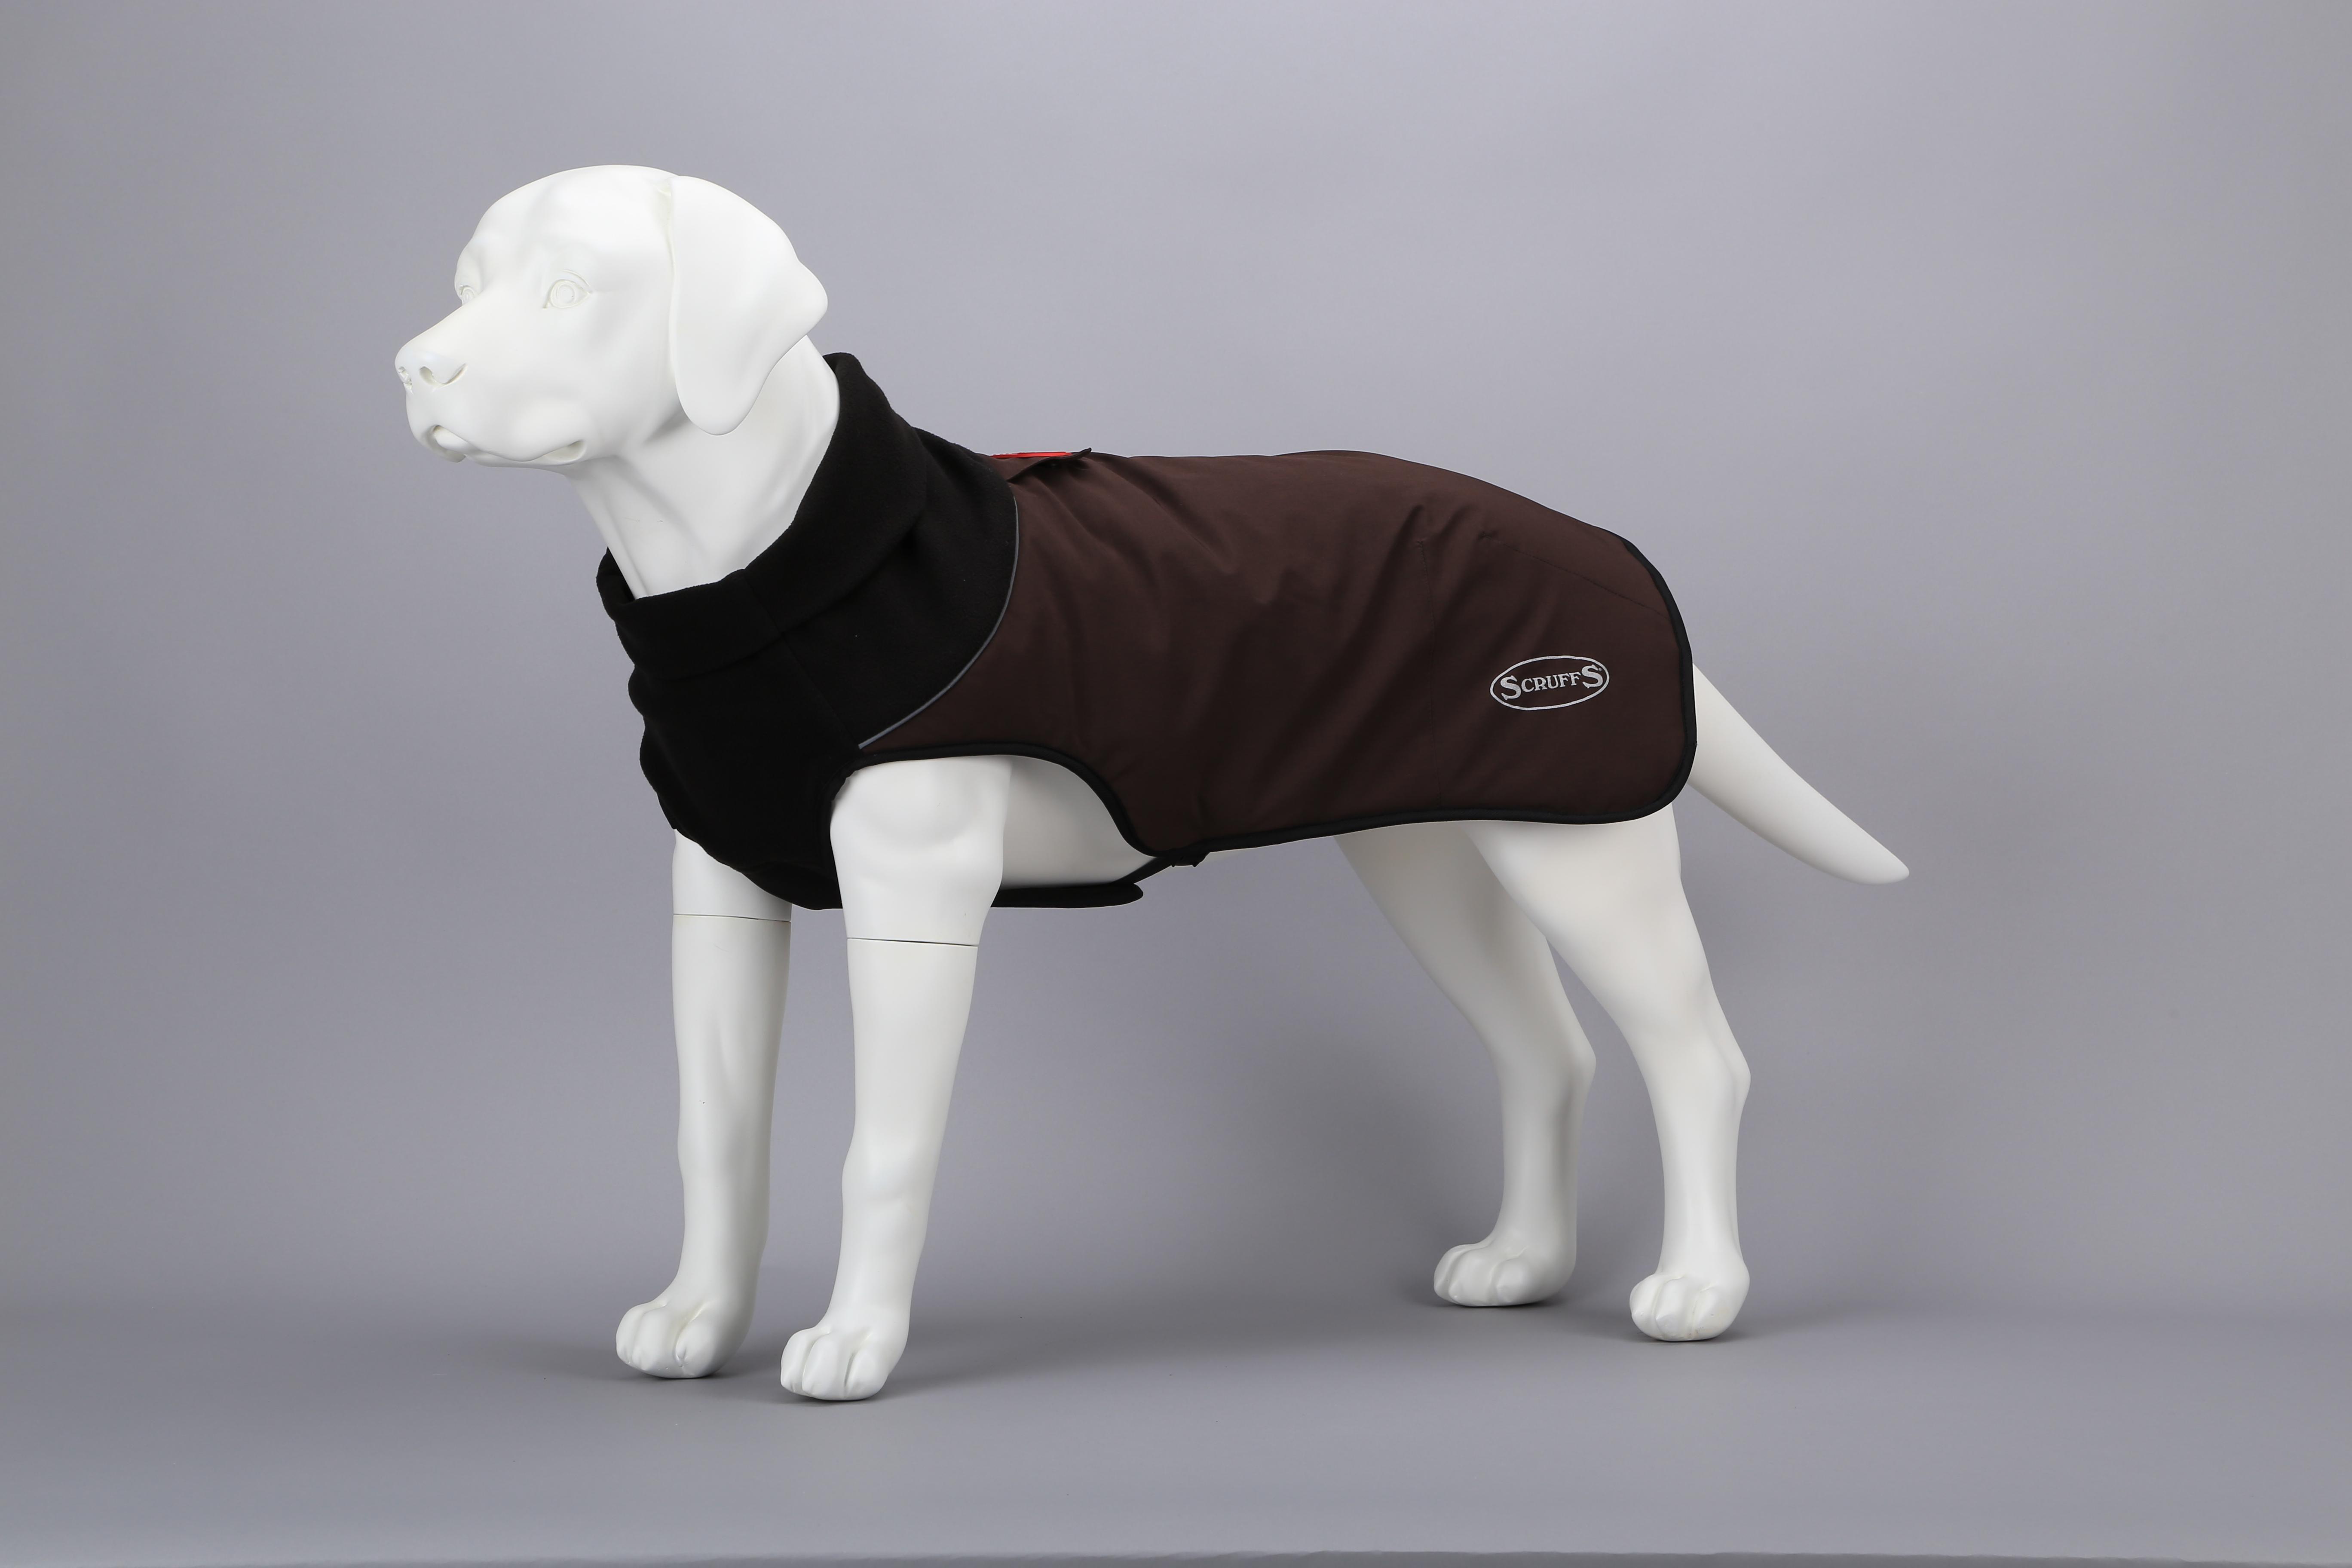 Попона для собак Scruffs Thermal Quilted Dog Coat, согревающая, 938376, коричневый, 30 см